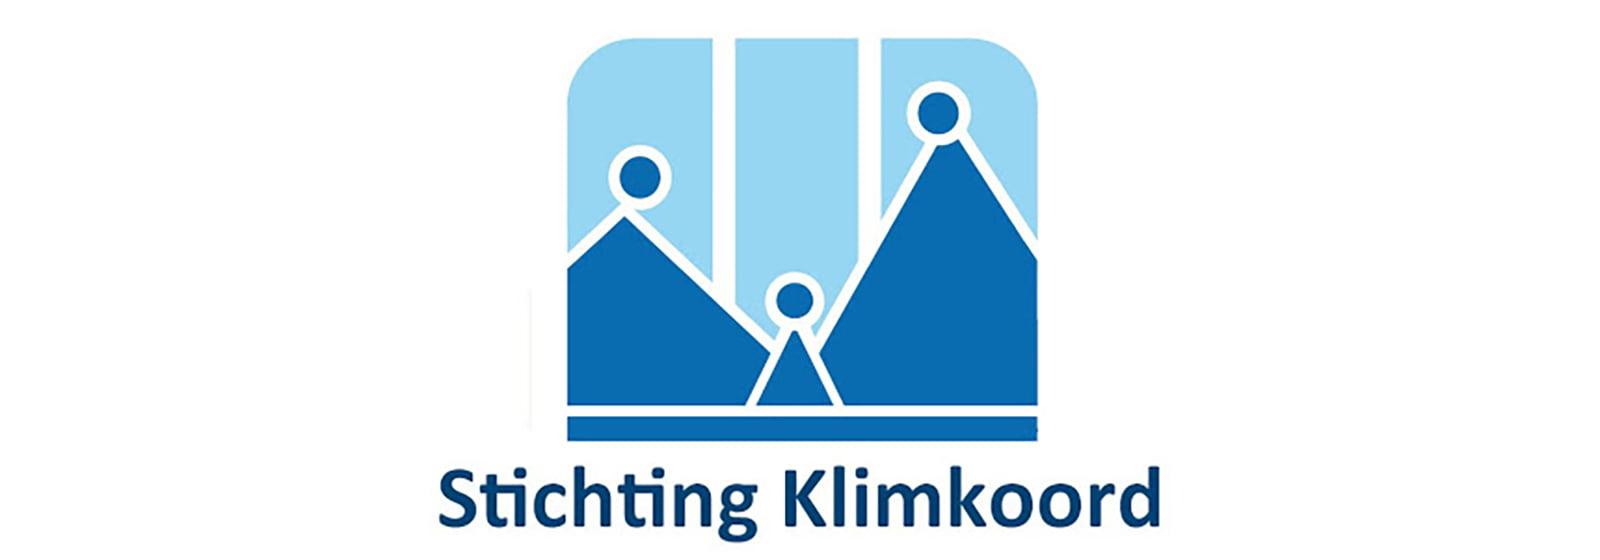 Stichting_Klimoord